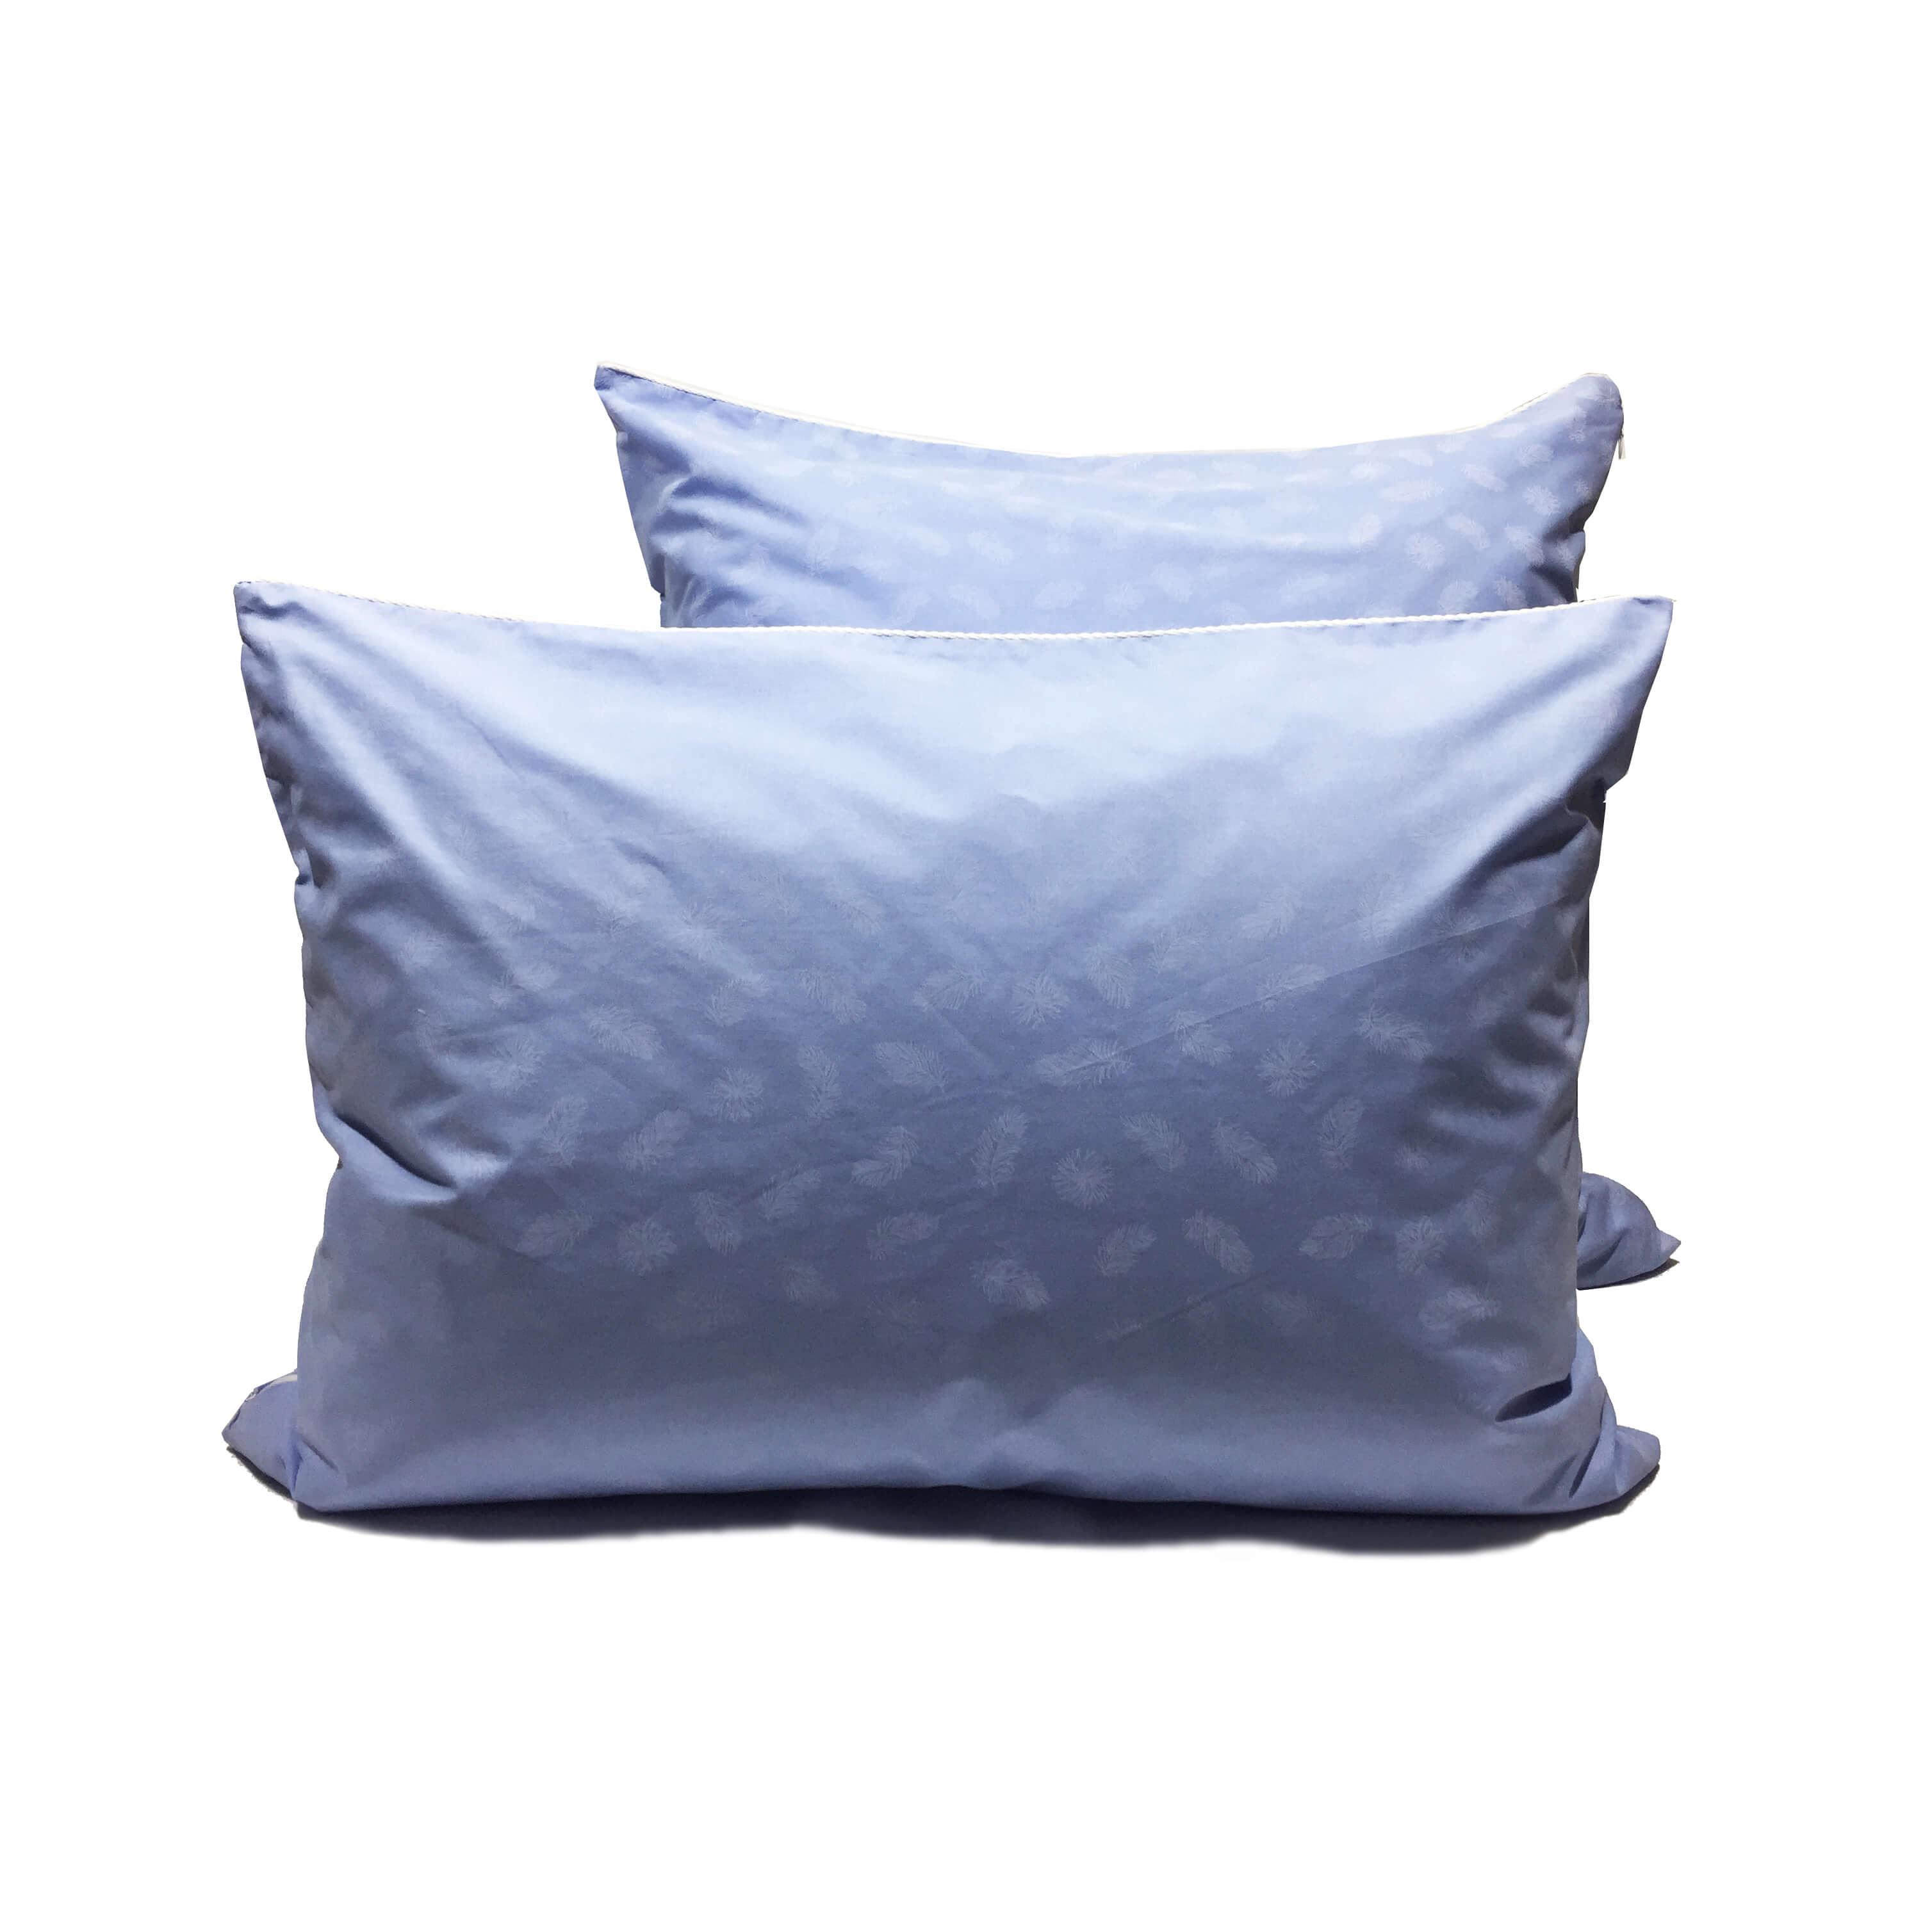 Наперник на молнии 60*60 см (Перья, голубой)